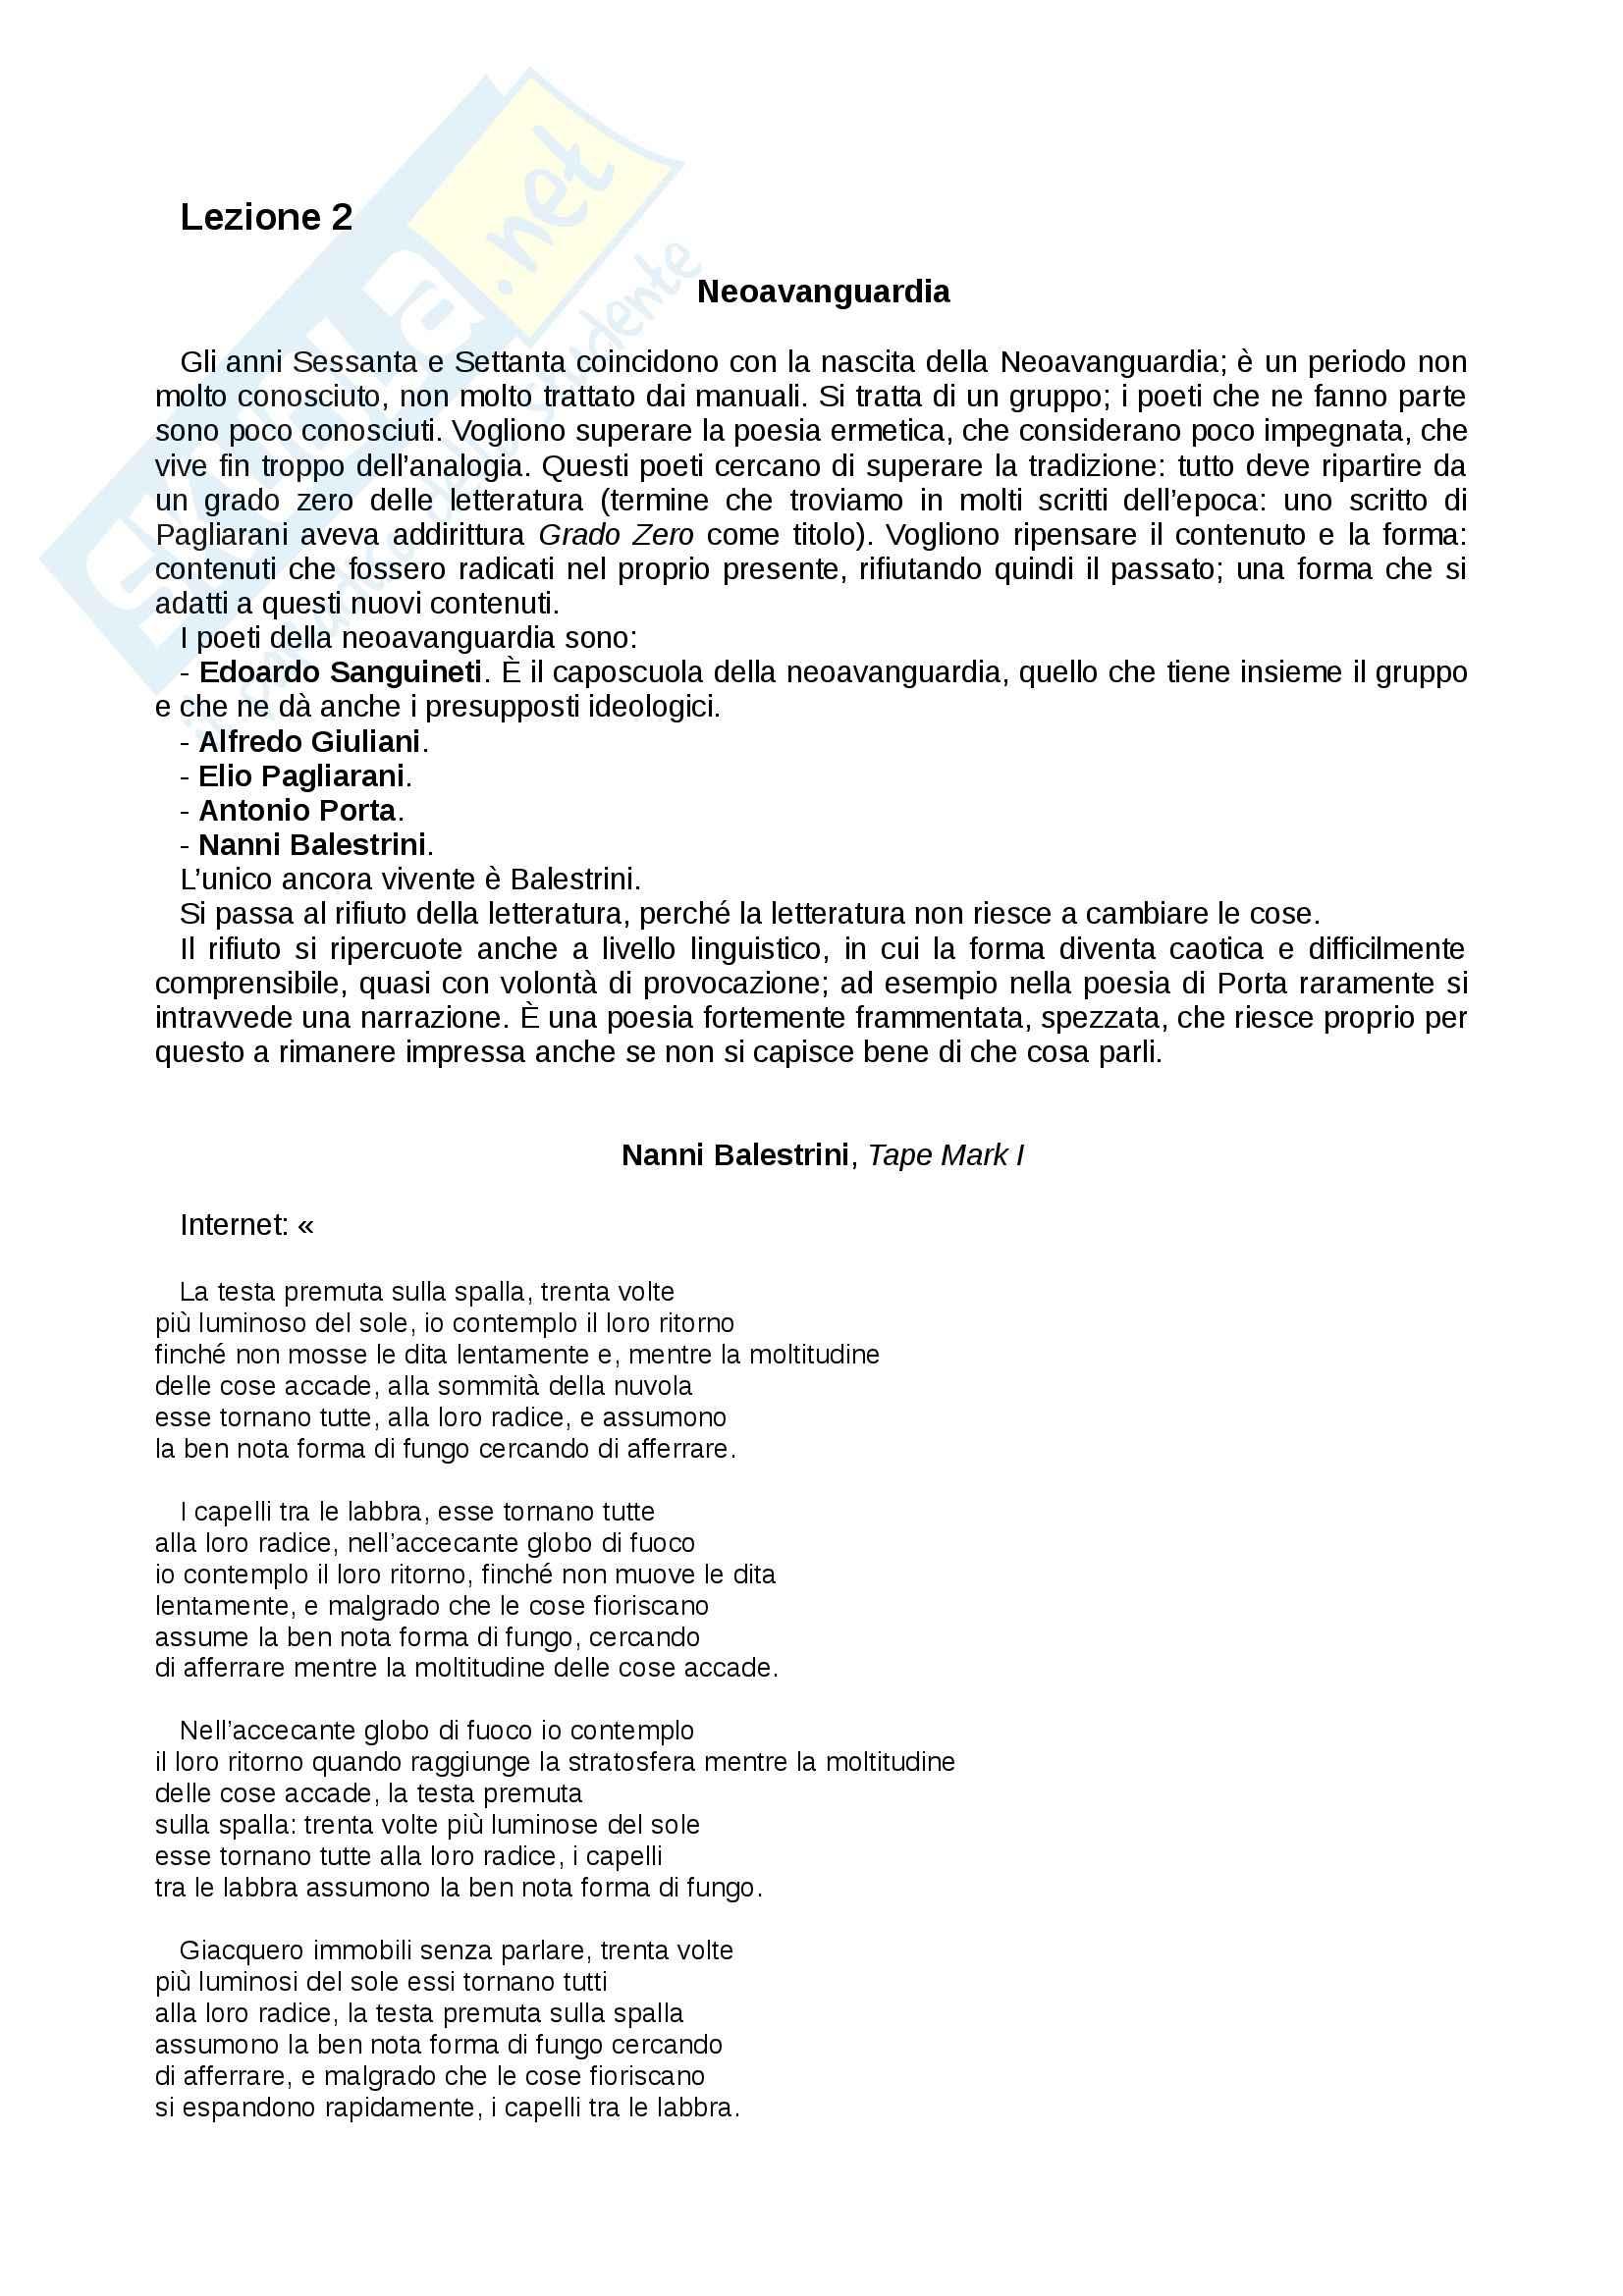 Letteratura italiana moderna e contemporanea - Appunti